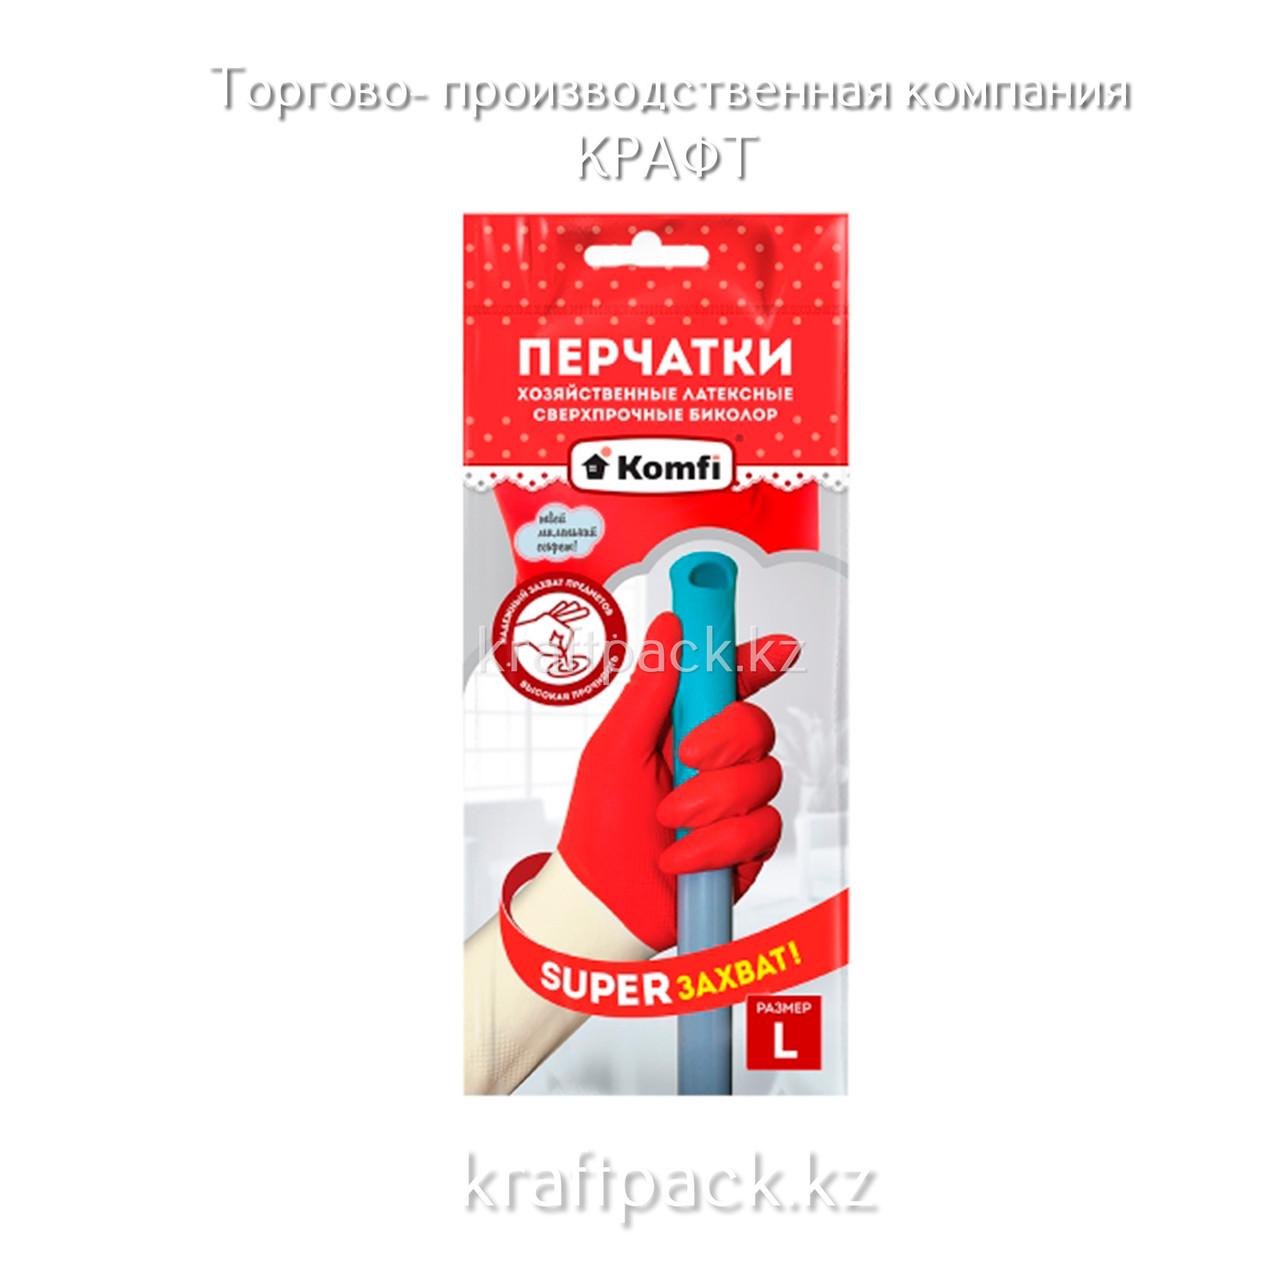 Перчатки хозяйственные латексные СВЕРХПРОЧНЫЕ БИКОЛОР L (2шт/пара)